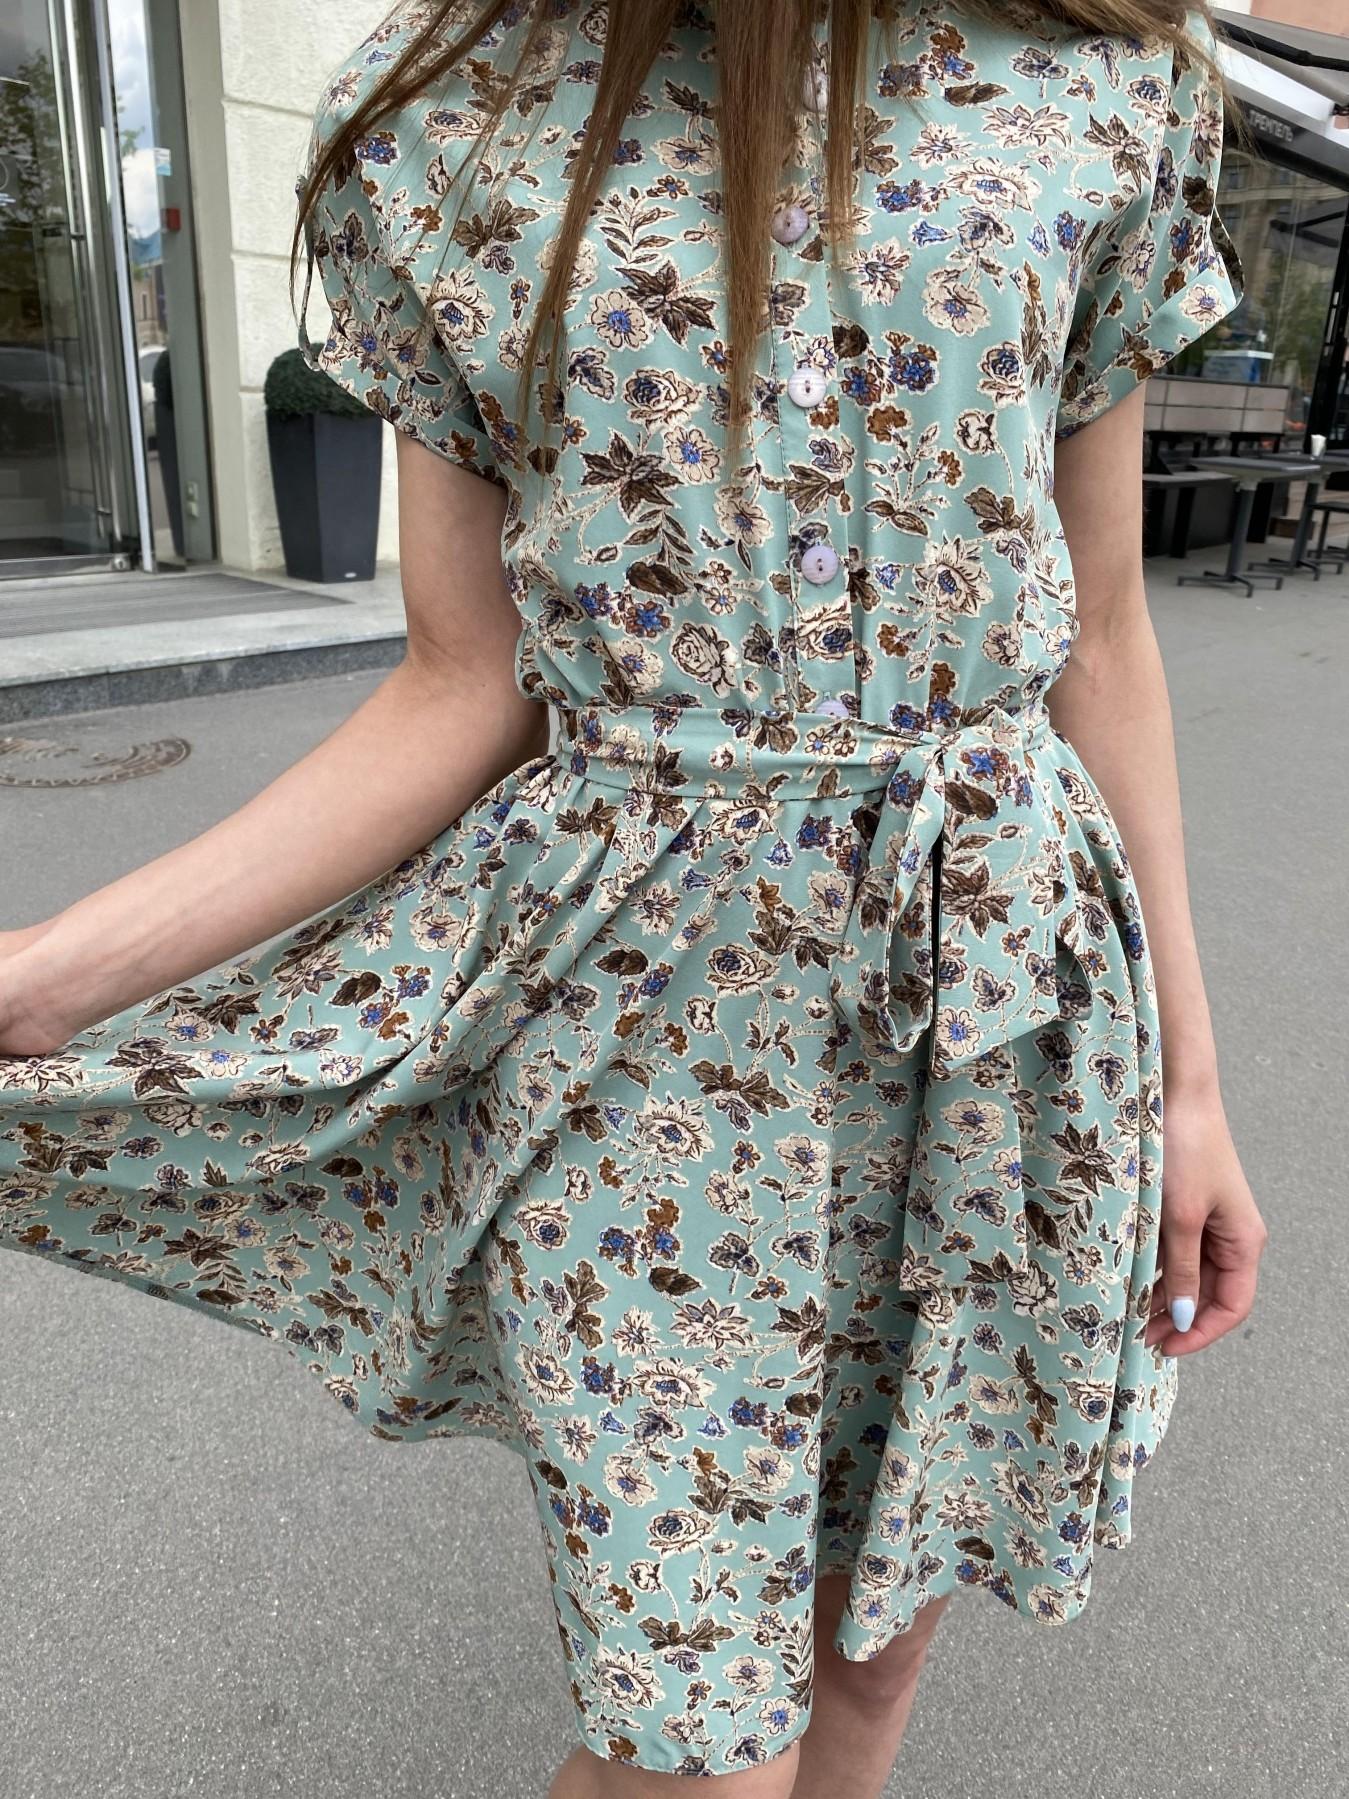 Санжар платье из ткани софт в принт 11215 АРТ. 47727 Цвет: Олива/бежевый, Цветы - фото 4, интернет магазин tm-modus.ru